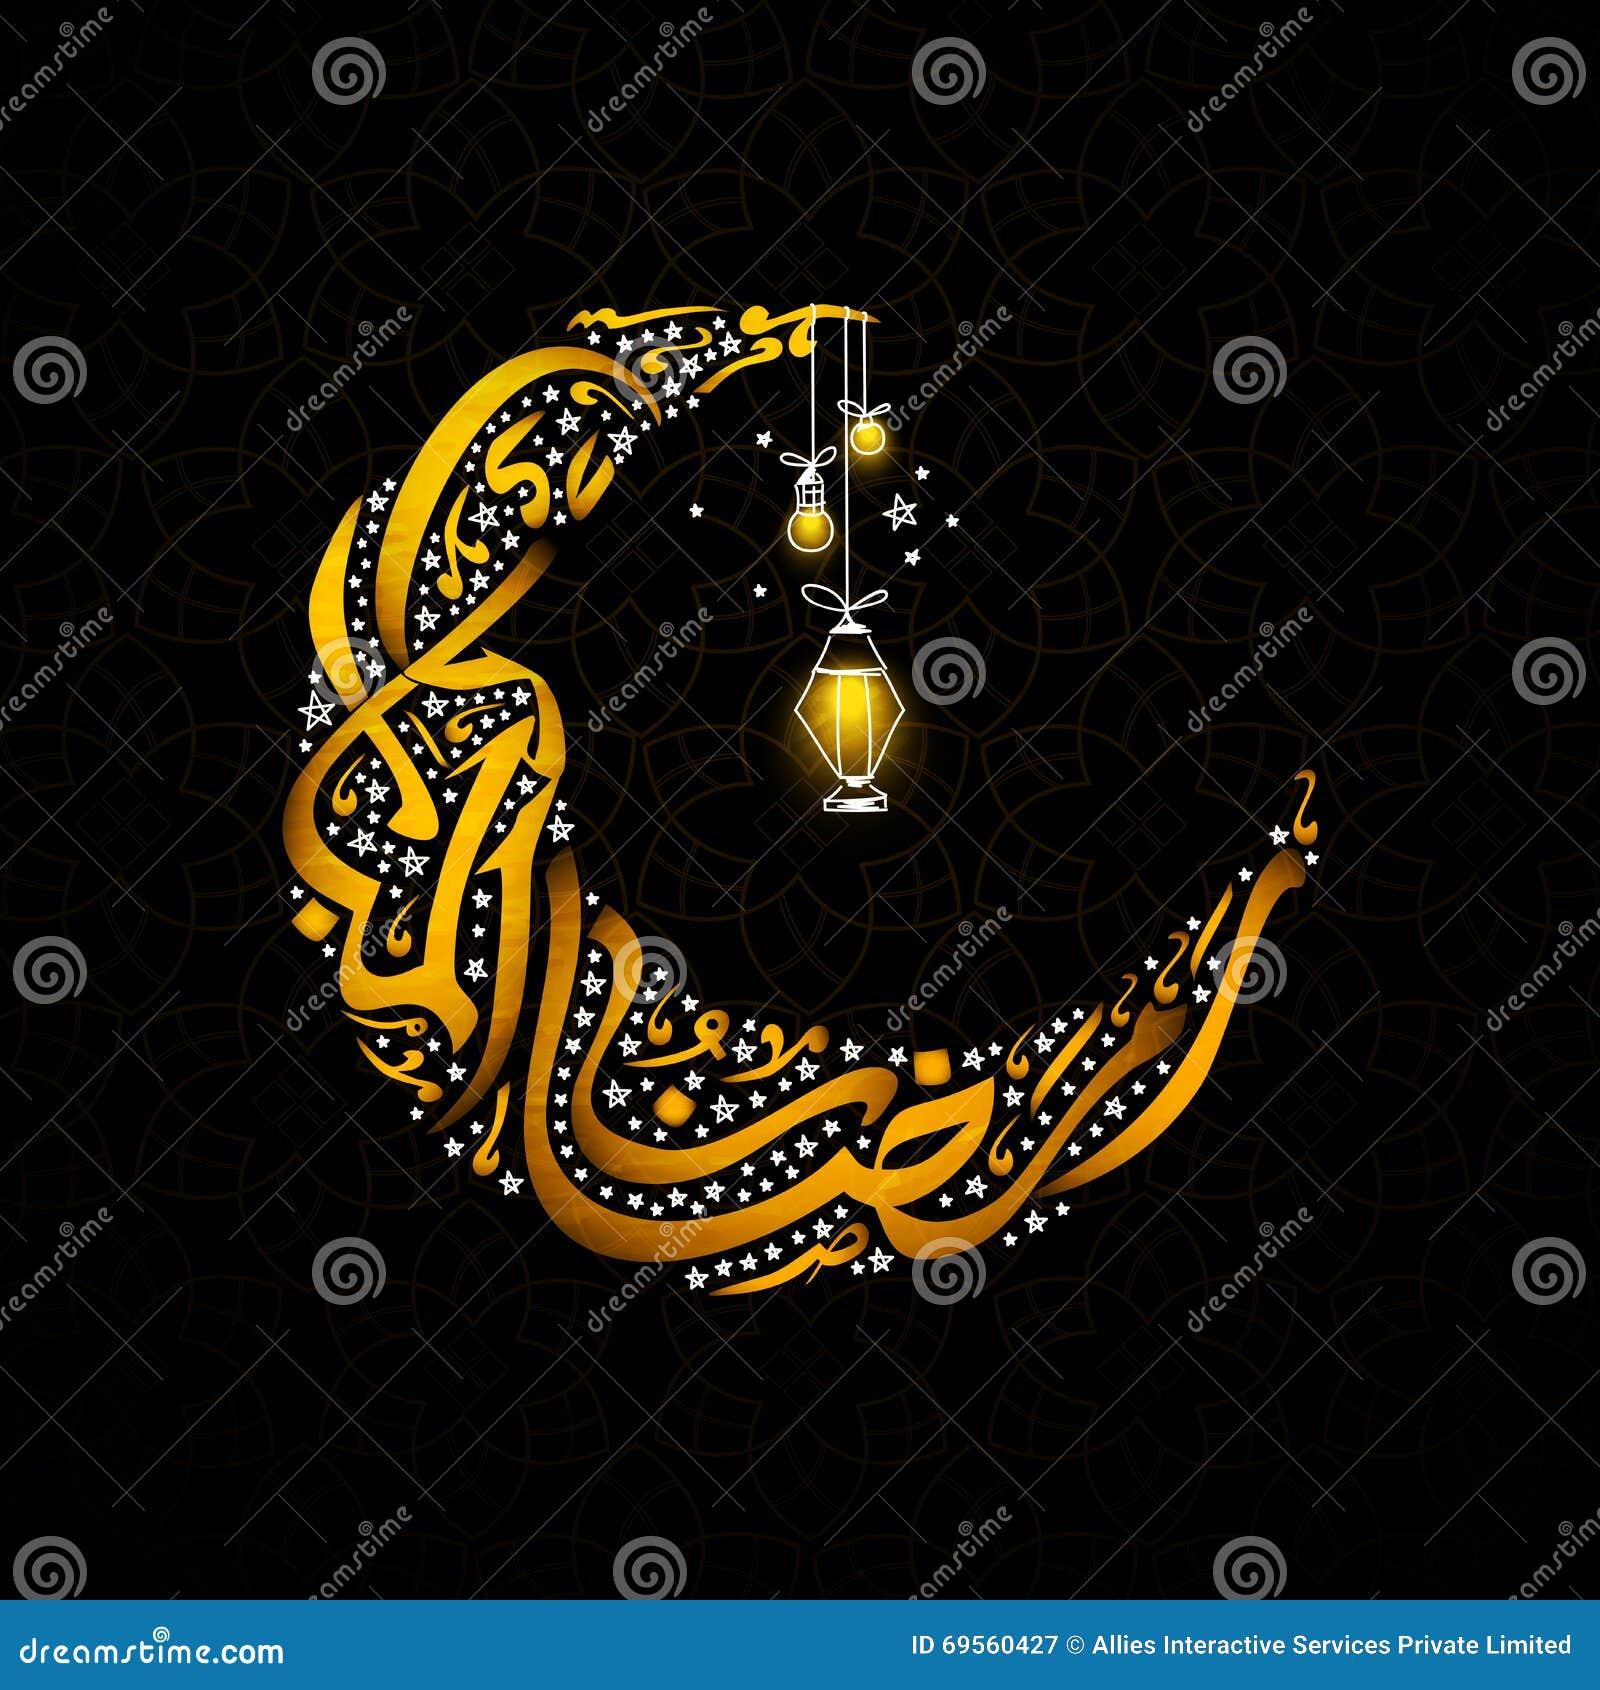 Urdu Calligraphy Text With Lanterns For Ramadan Kareem